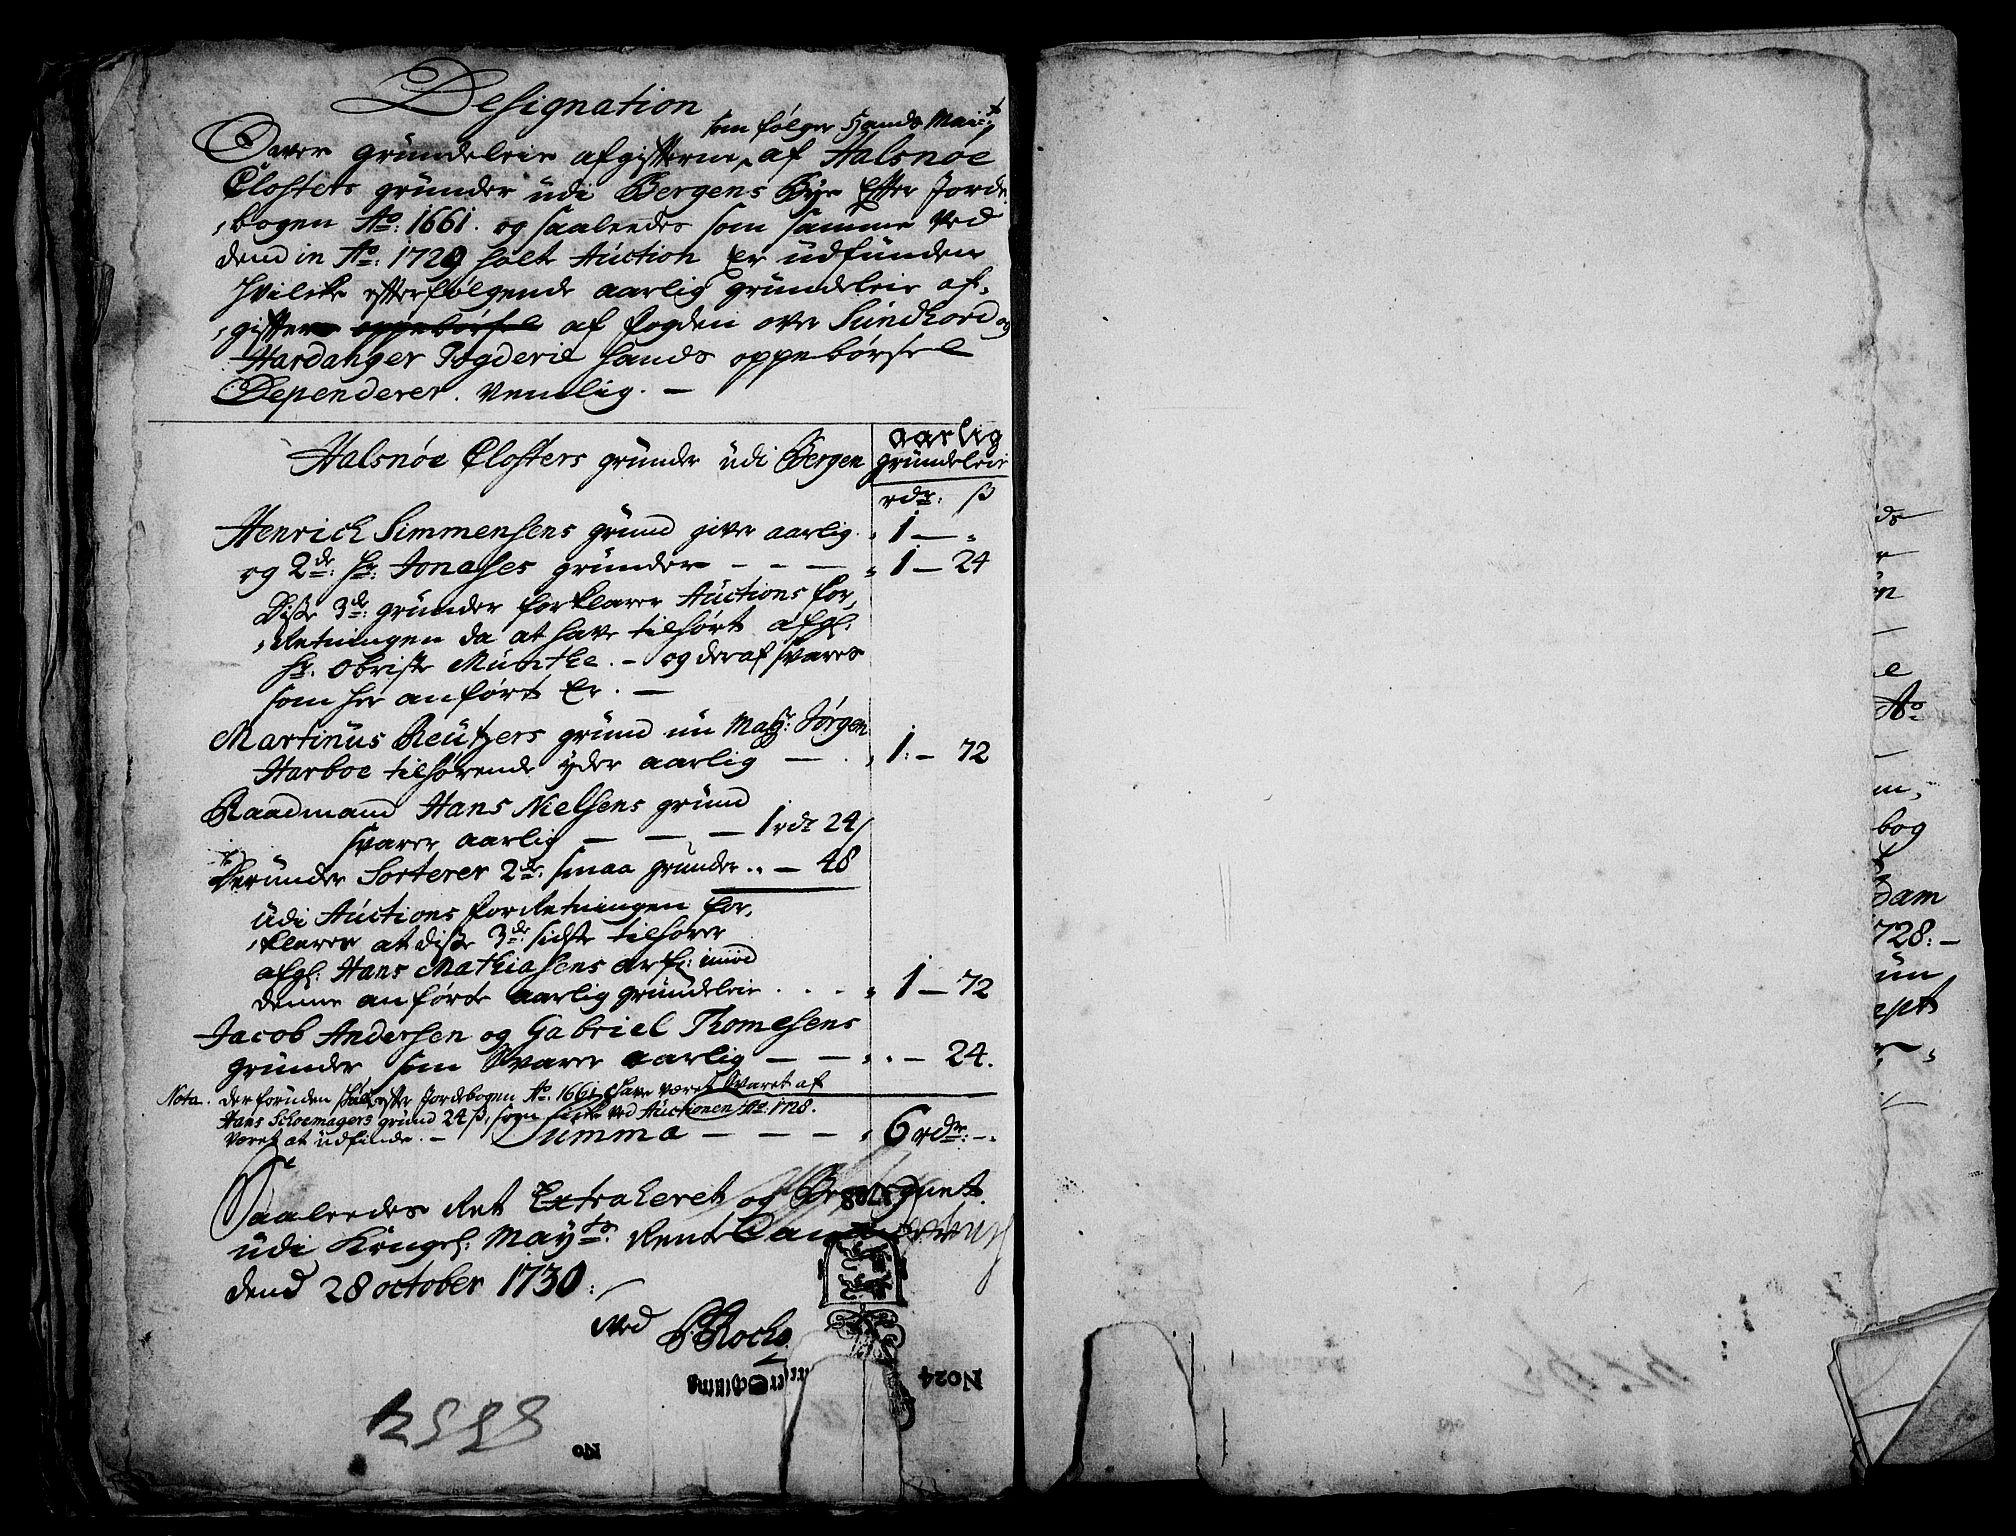 RA, Rentekammeret inntil 1814, Realistisk ordnet avdeling, On/L0003: [Jj 4]: Kommisjonsforretning over Vilhelm Hanssøns forpaktning av Halsnøy klosters gods, 1721-1729, s. 494